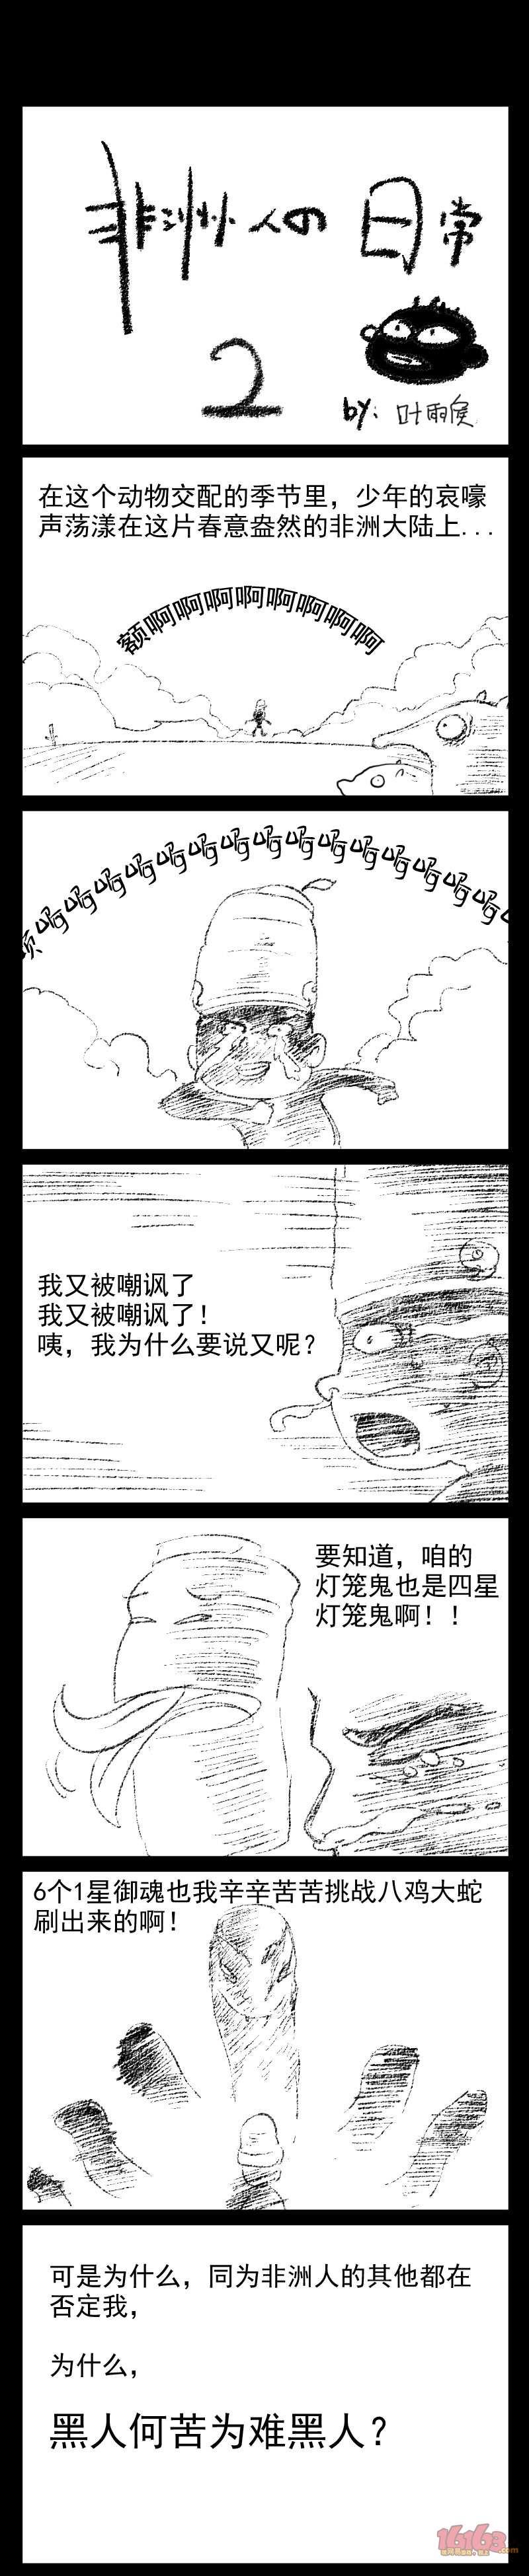 阴阳师条漫3.jpg